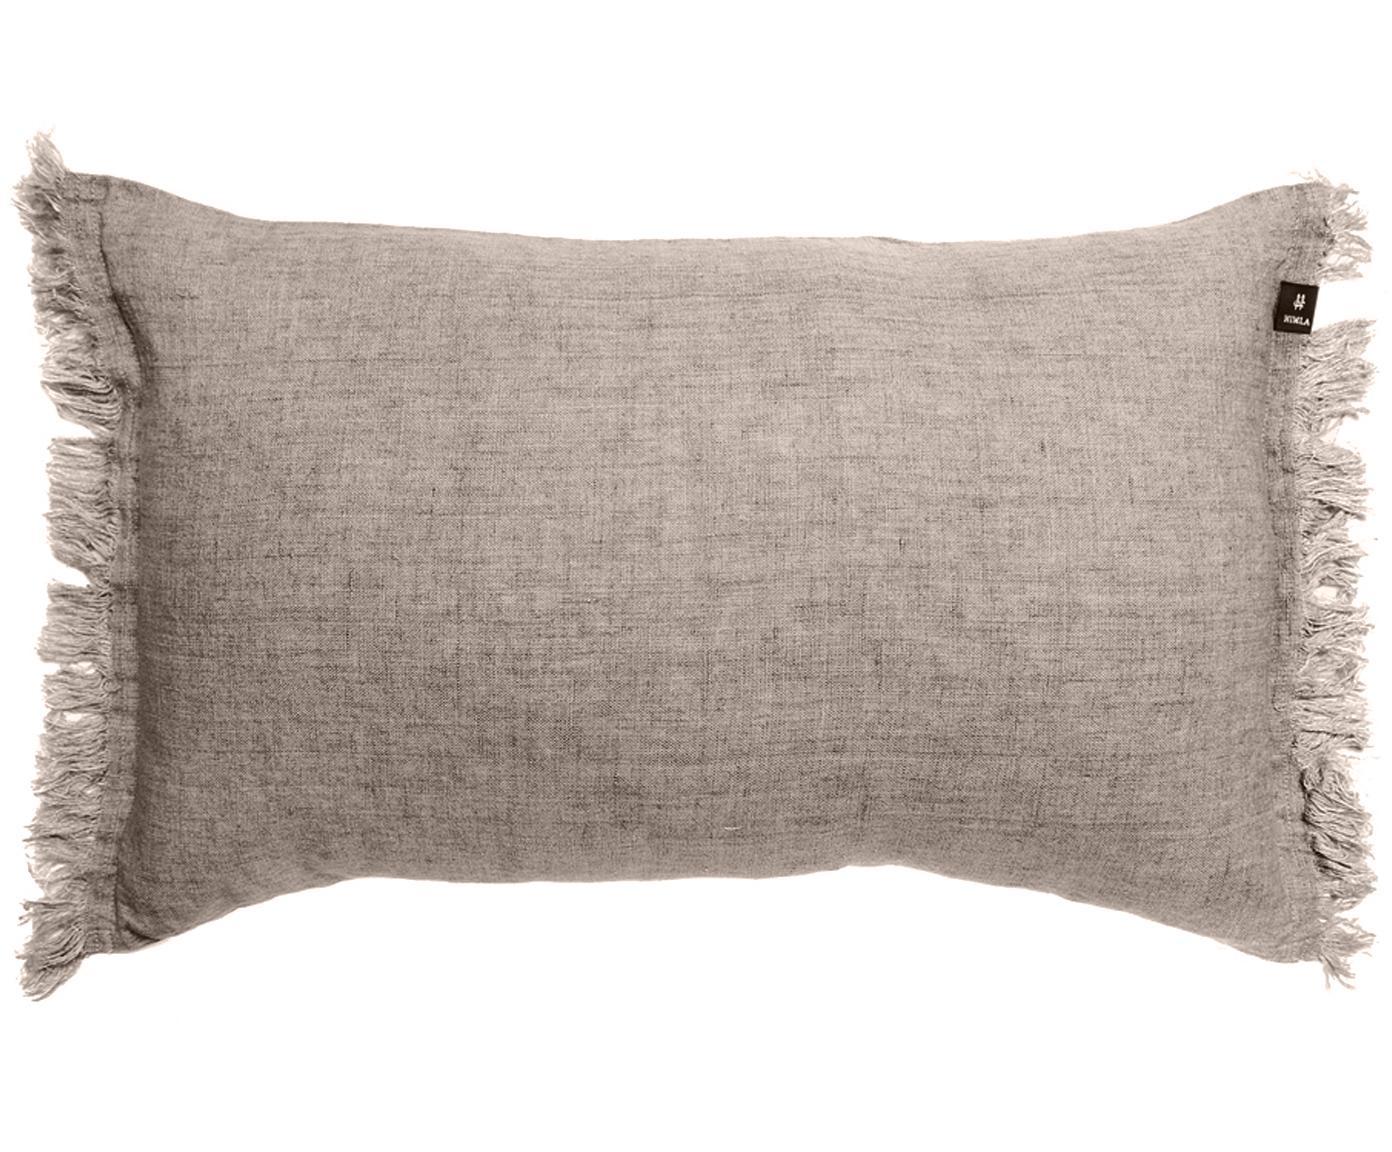 Cojín de lino con flecos Levelin, con relleno, Beige, An 40 x L 60 cm